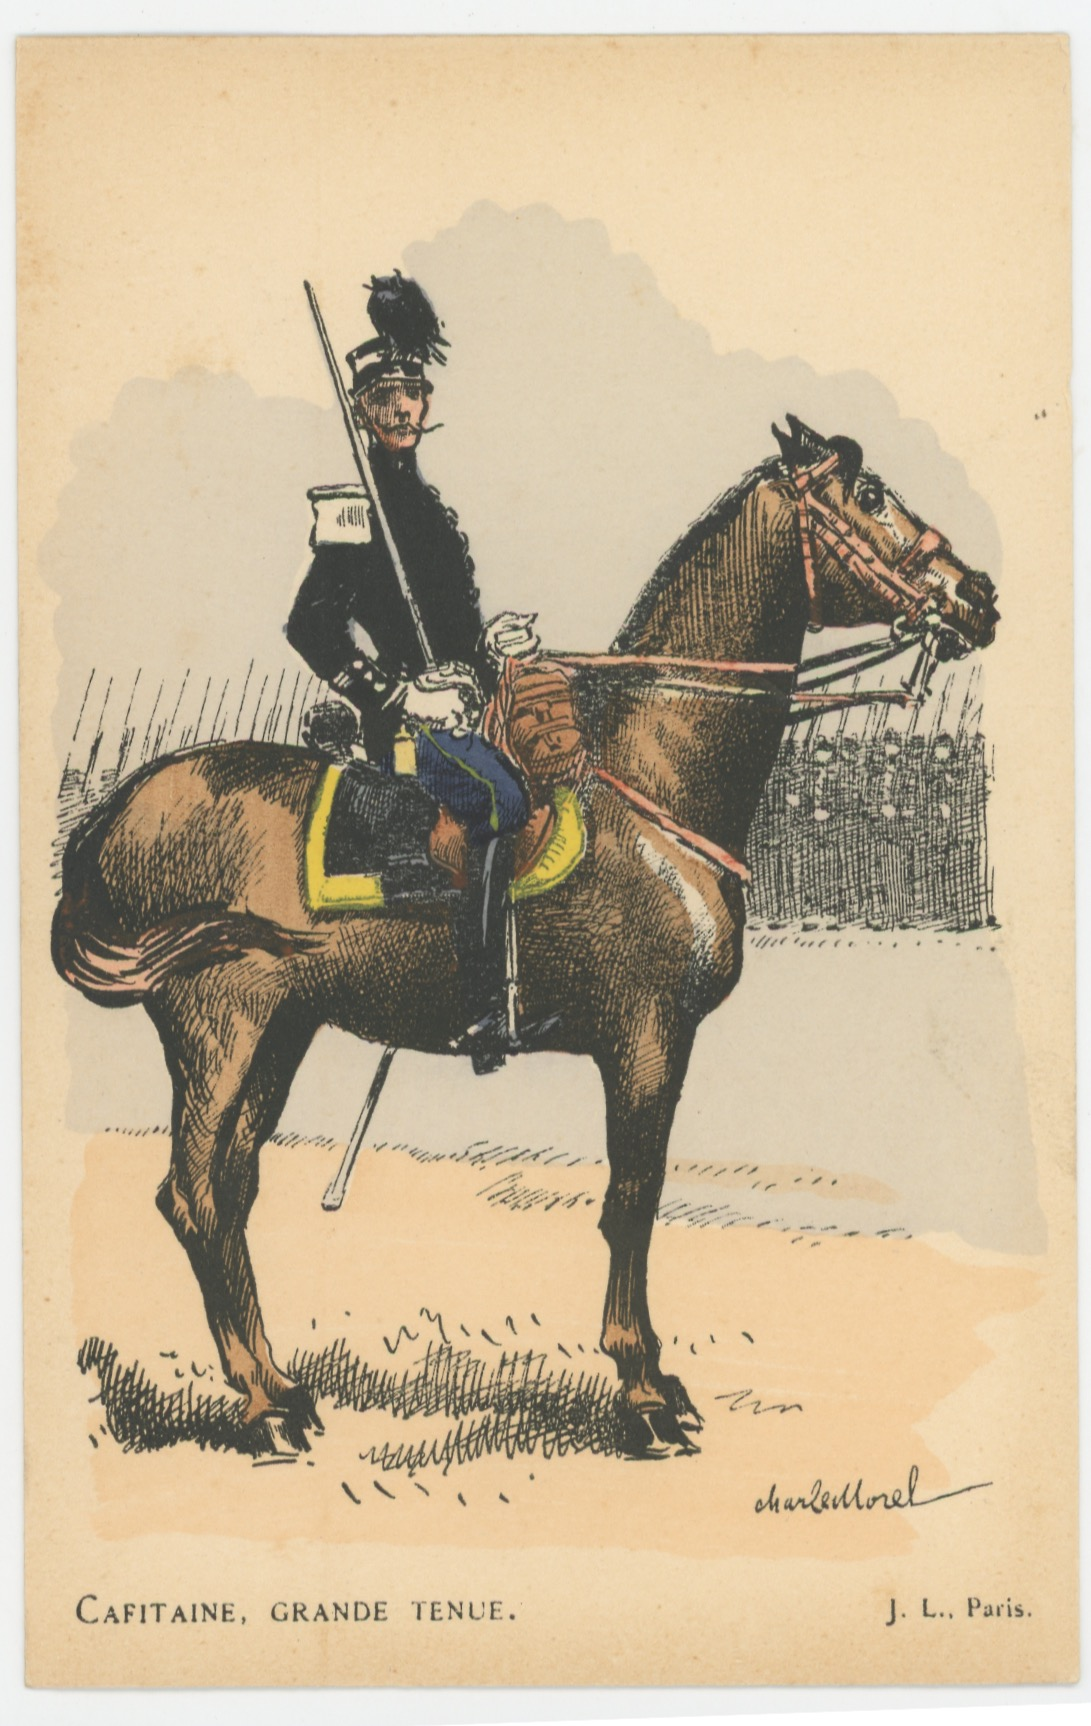 Série Complète - 13 Cartes Postales Illustrées - Charles Morel - Edition Pierre Plument - La Garde Républicaine - Uniforme - Troisième République